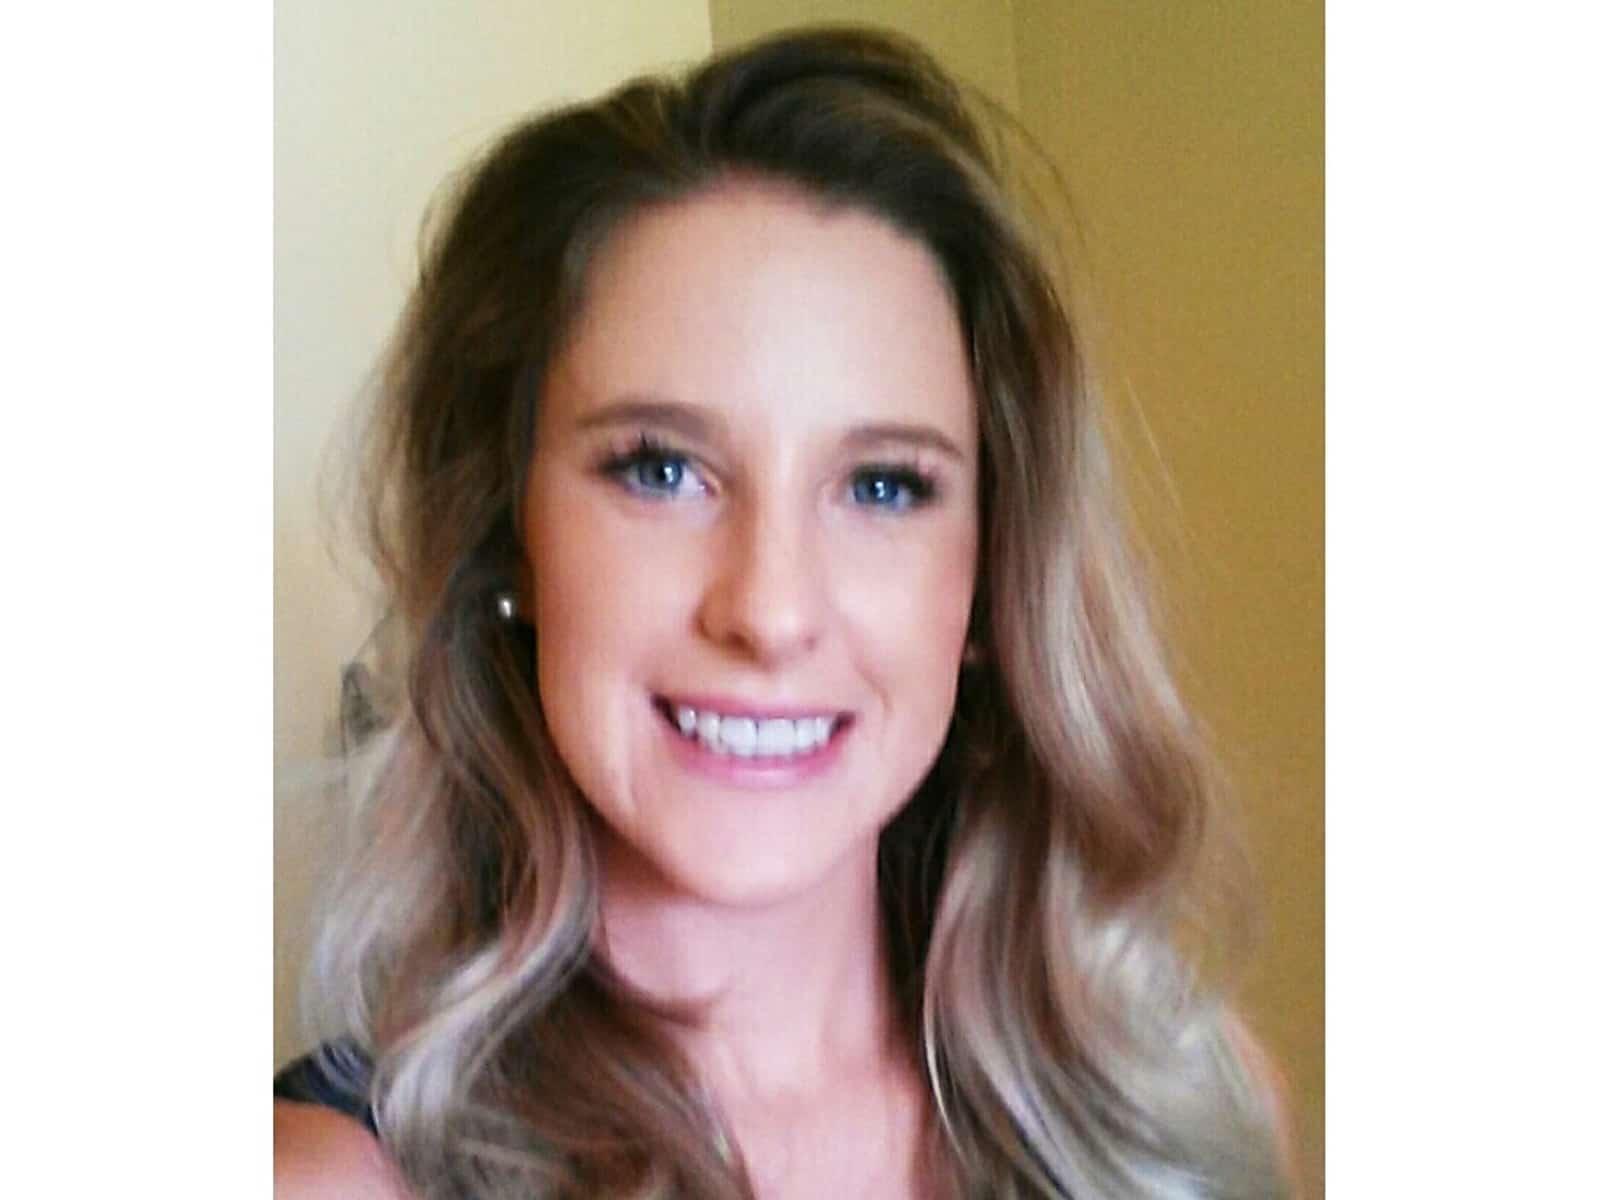 Lauren from Adelaide, South Australia, Australia